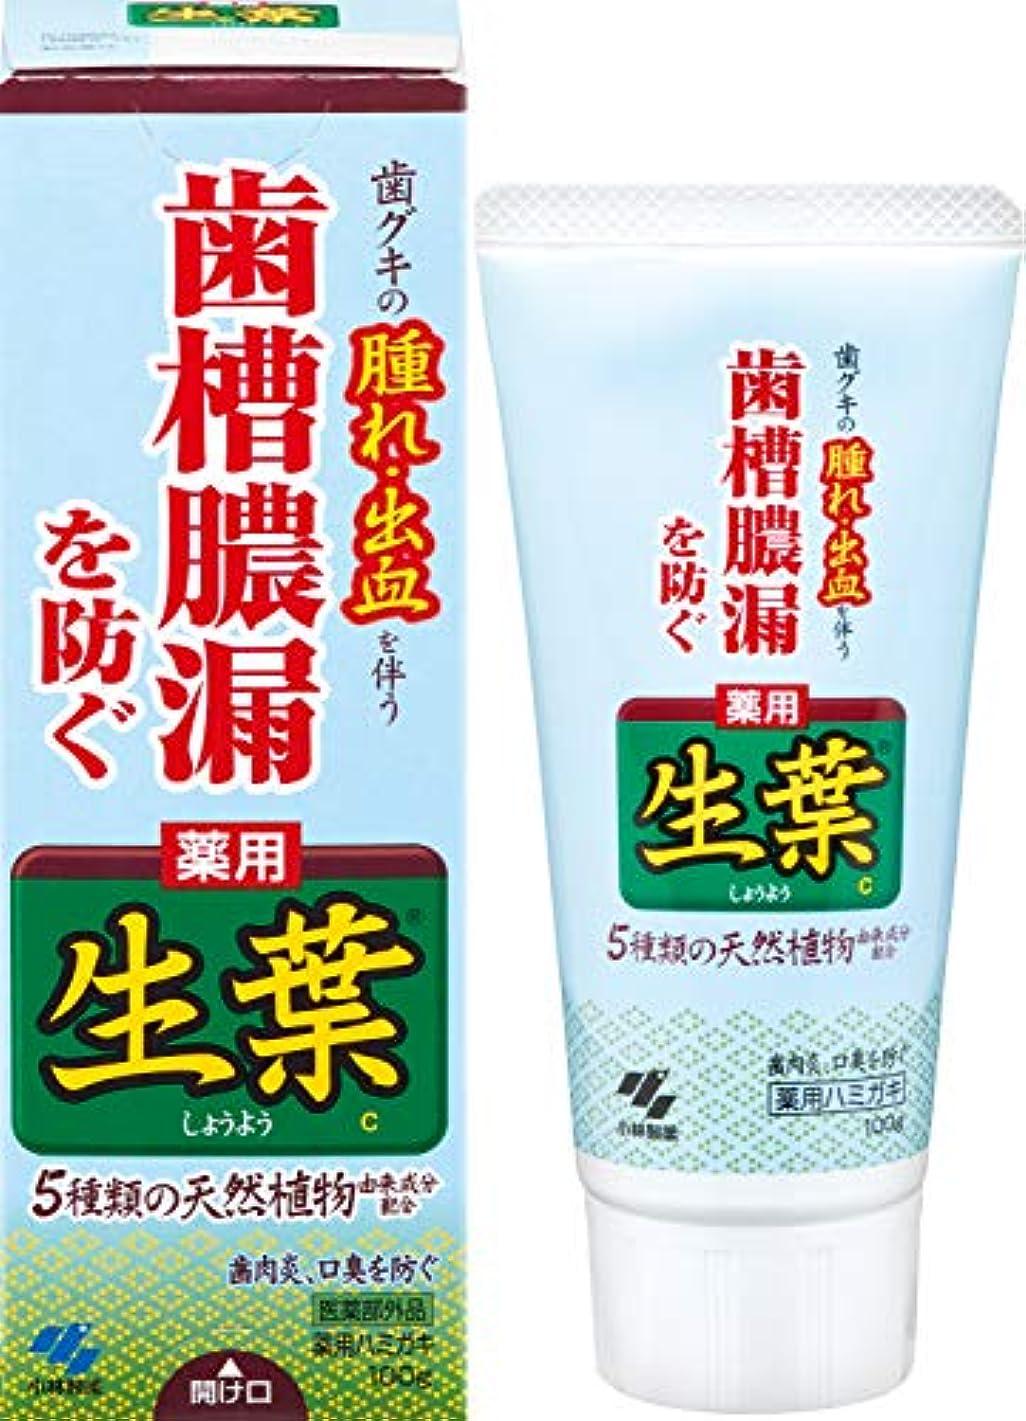 リーズタイル有益な生葉(しょうよう) 歯槽膿漏を防ぐ 薬用ハミガキ ハーブミント味 100g 【医薬部外品】